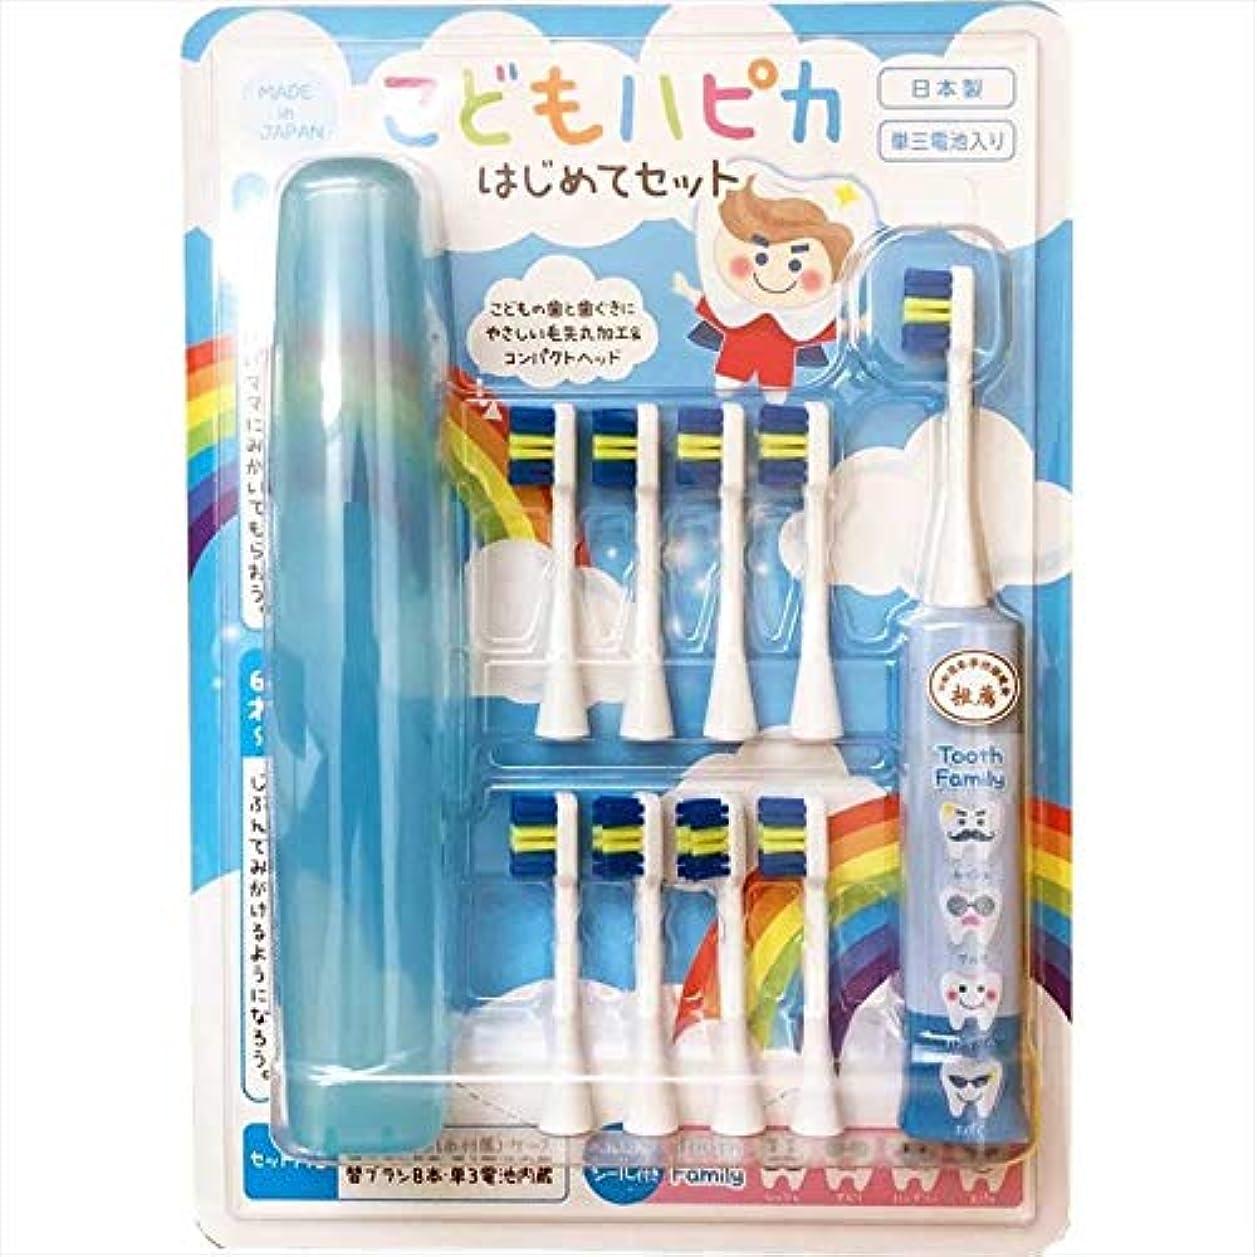 後広がり似ているこどもハピカセット ブルー 子供用電動歯ブラシ